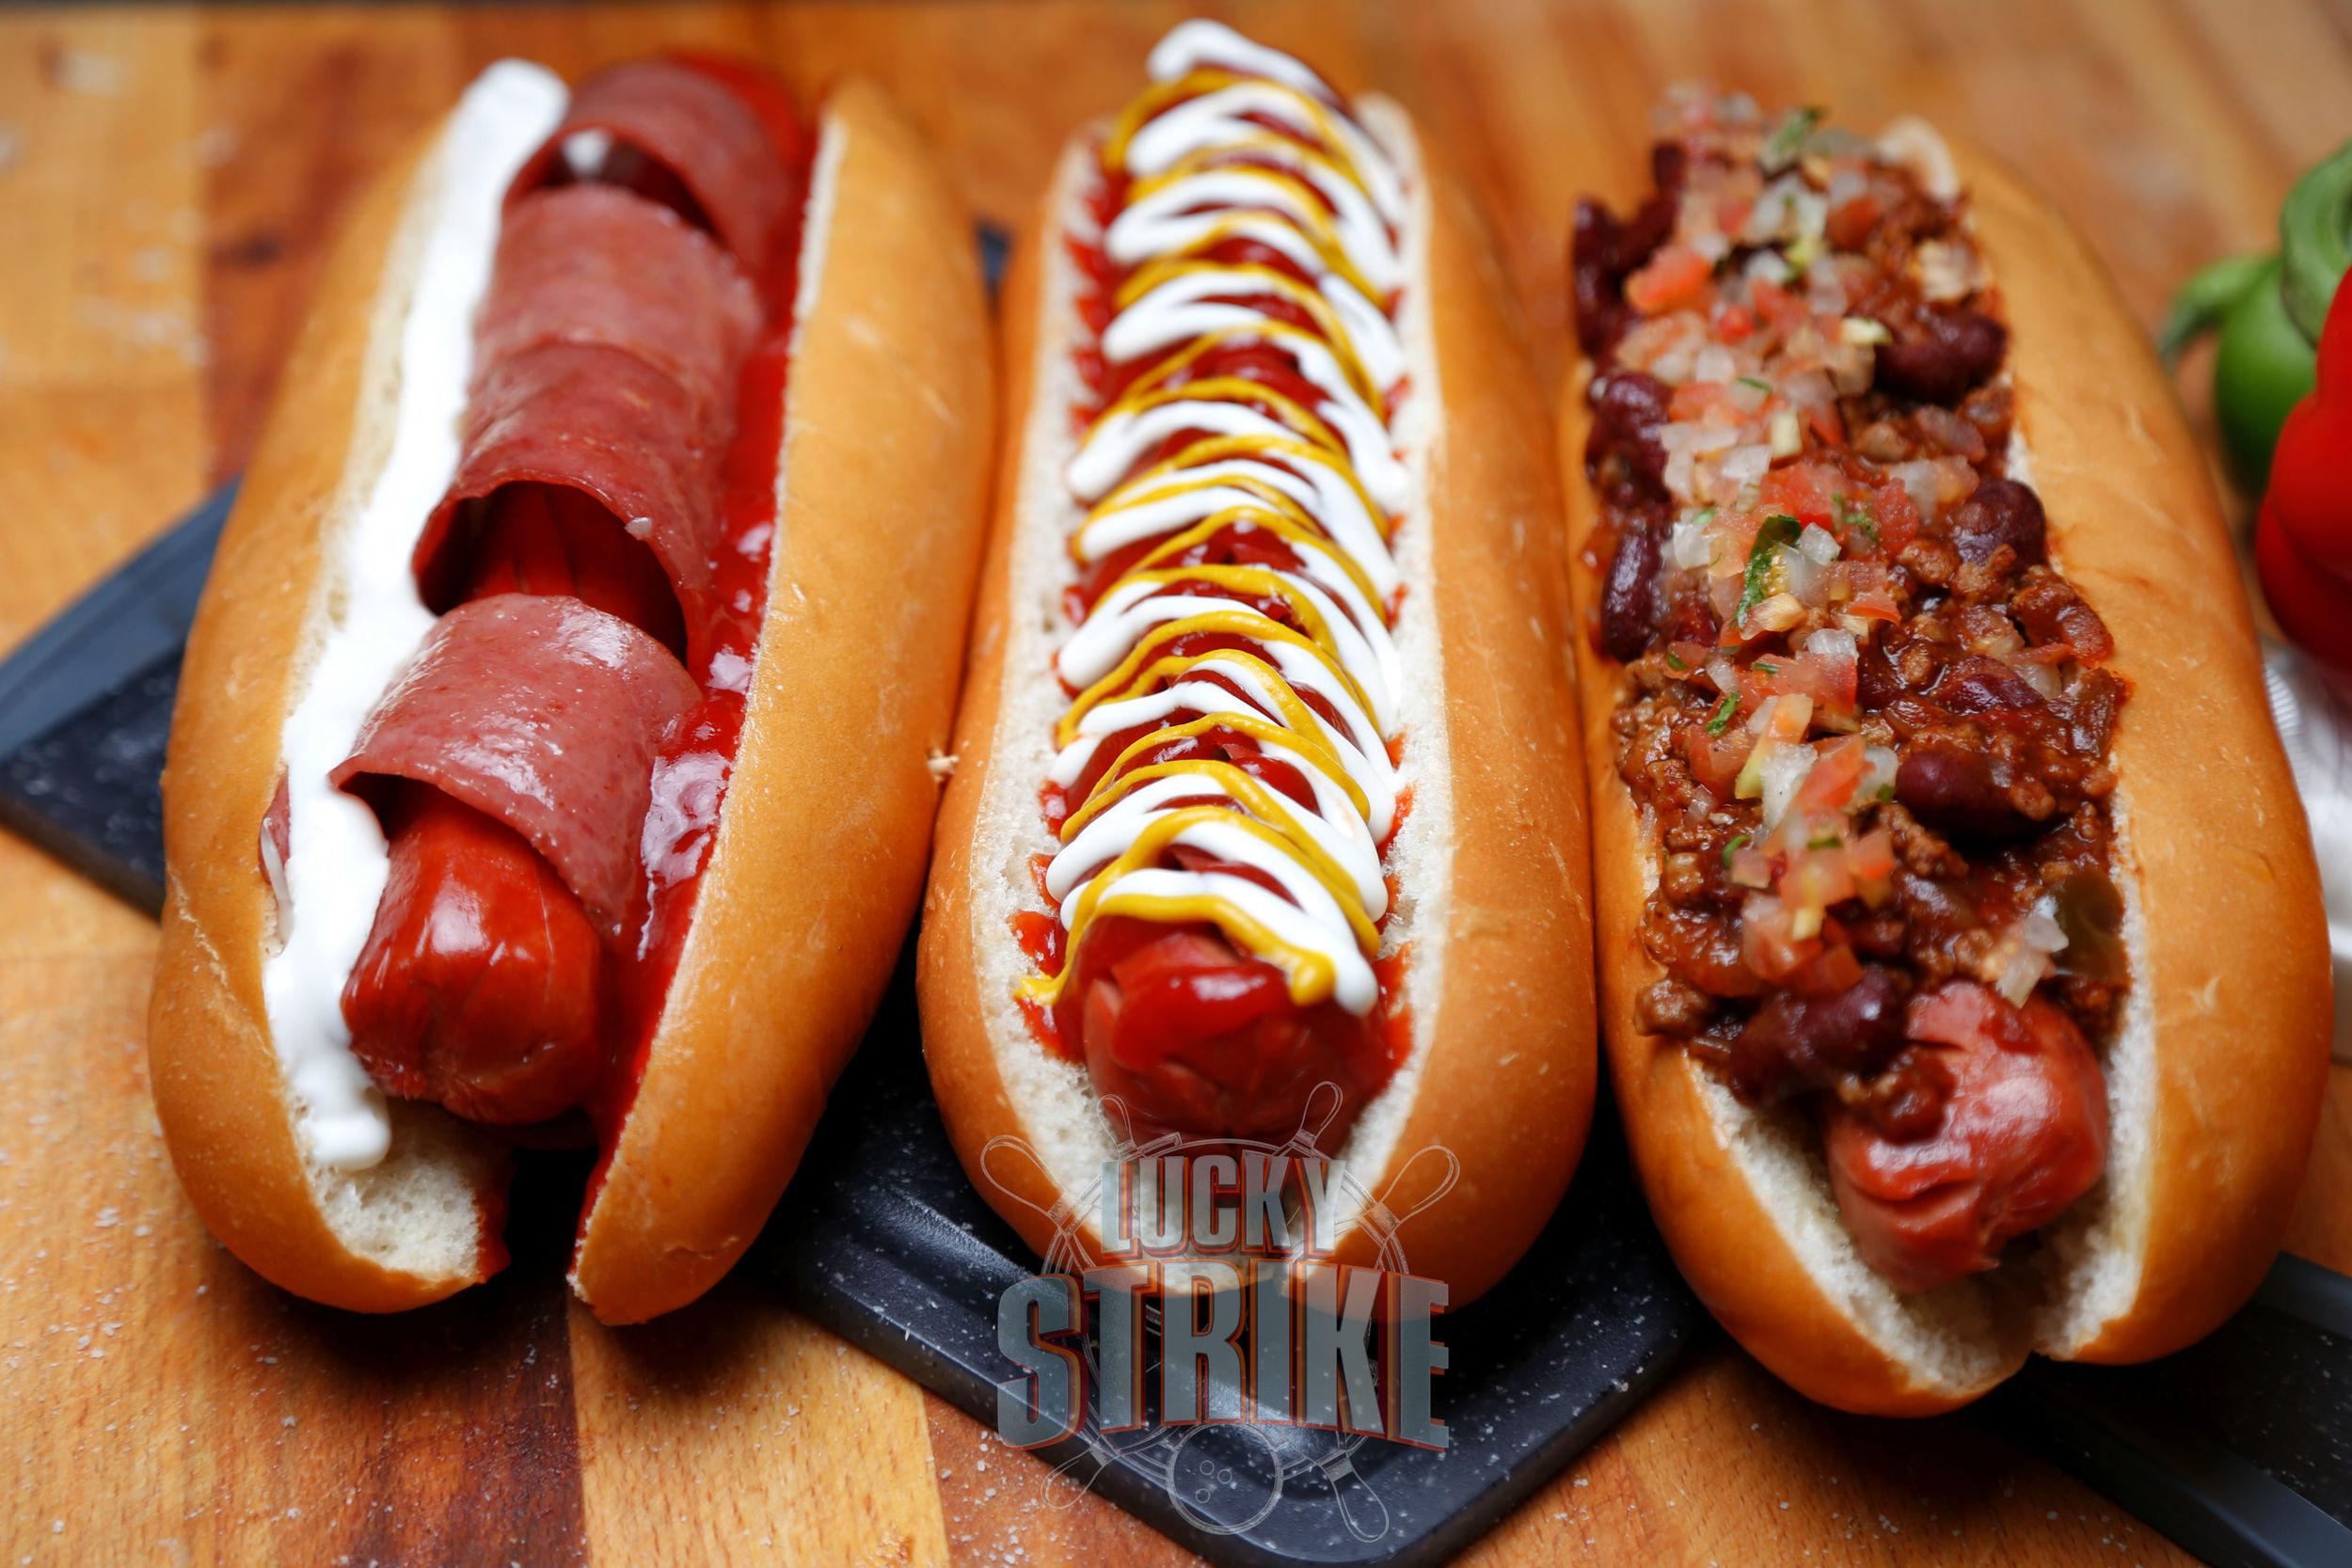 Bacon wrap Jumbo & chili con carne hot dog1.jpg